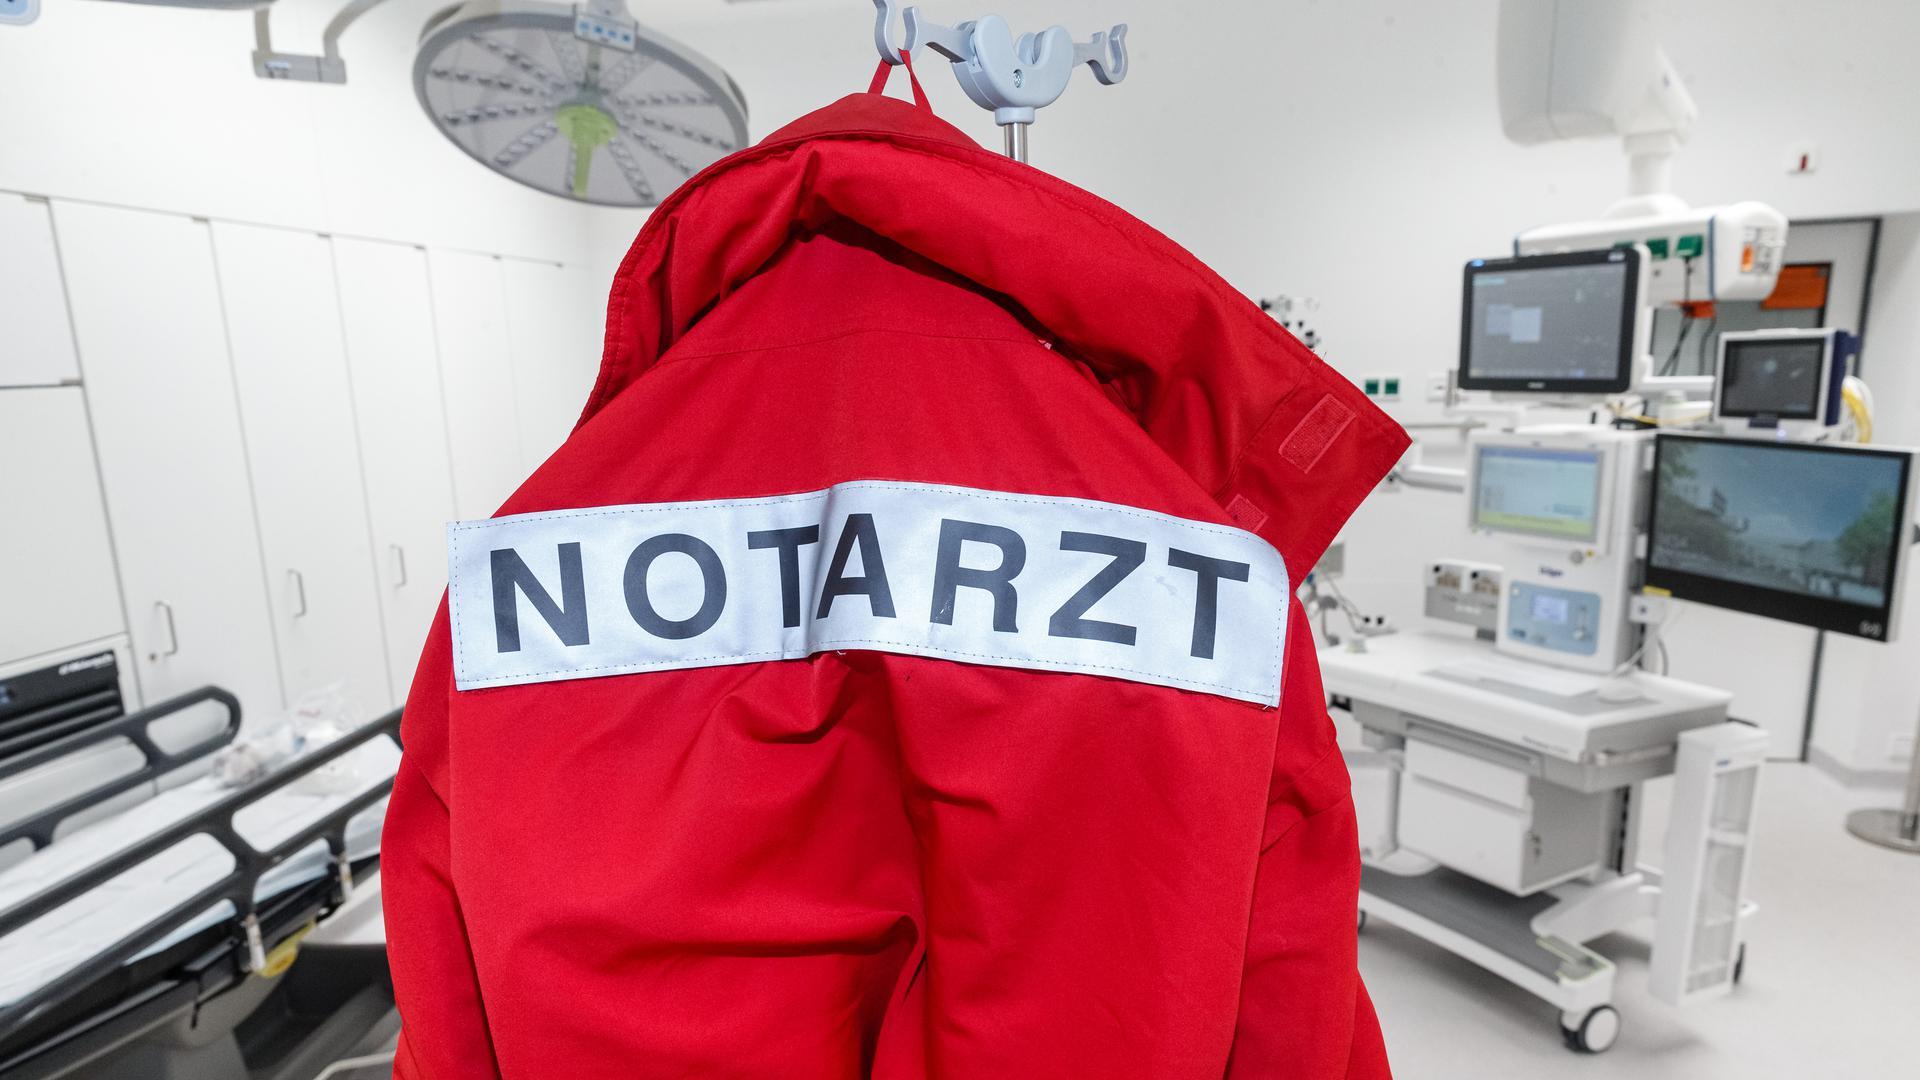 """Eine rote Jacke mit der Aufschrift """"Notarzt"""" auf dem Rücken hängt im Schockraum."""